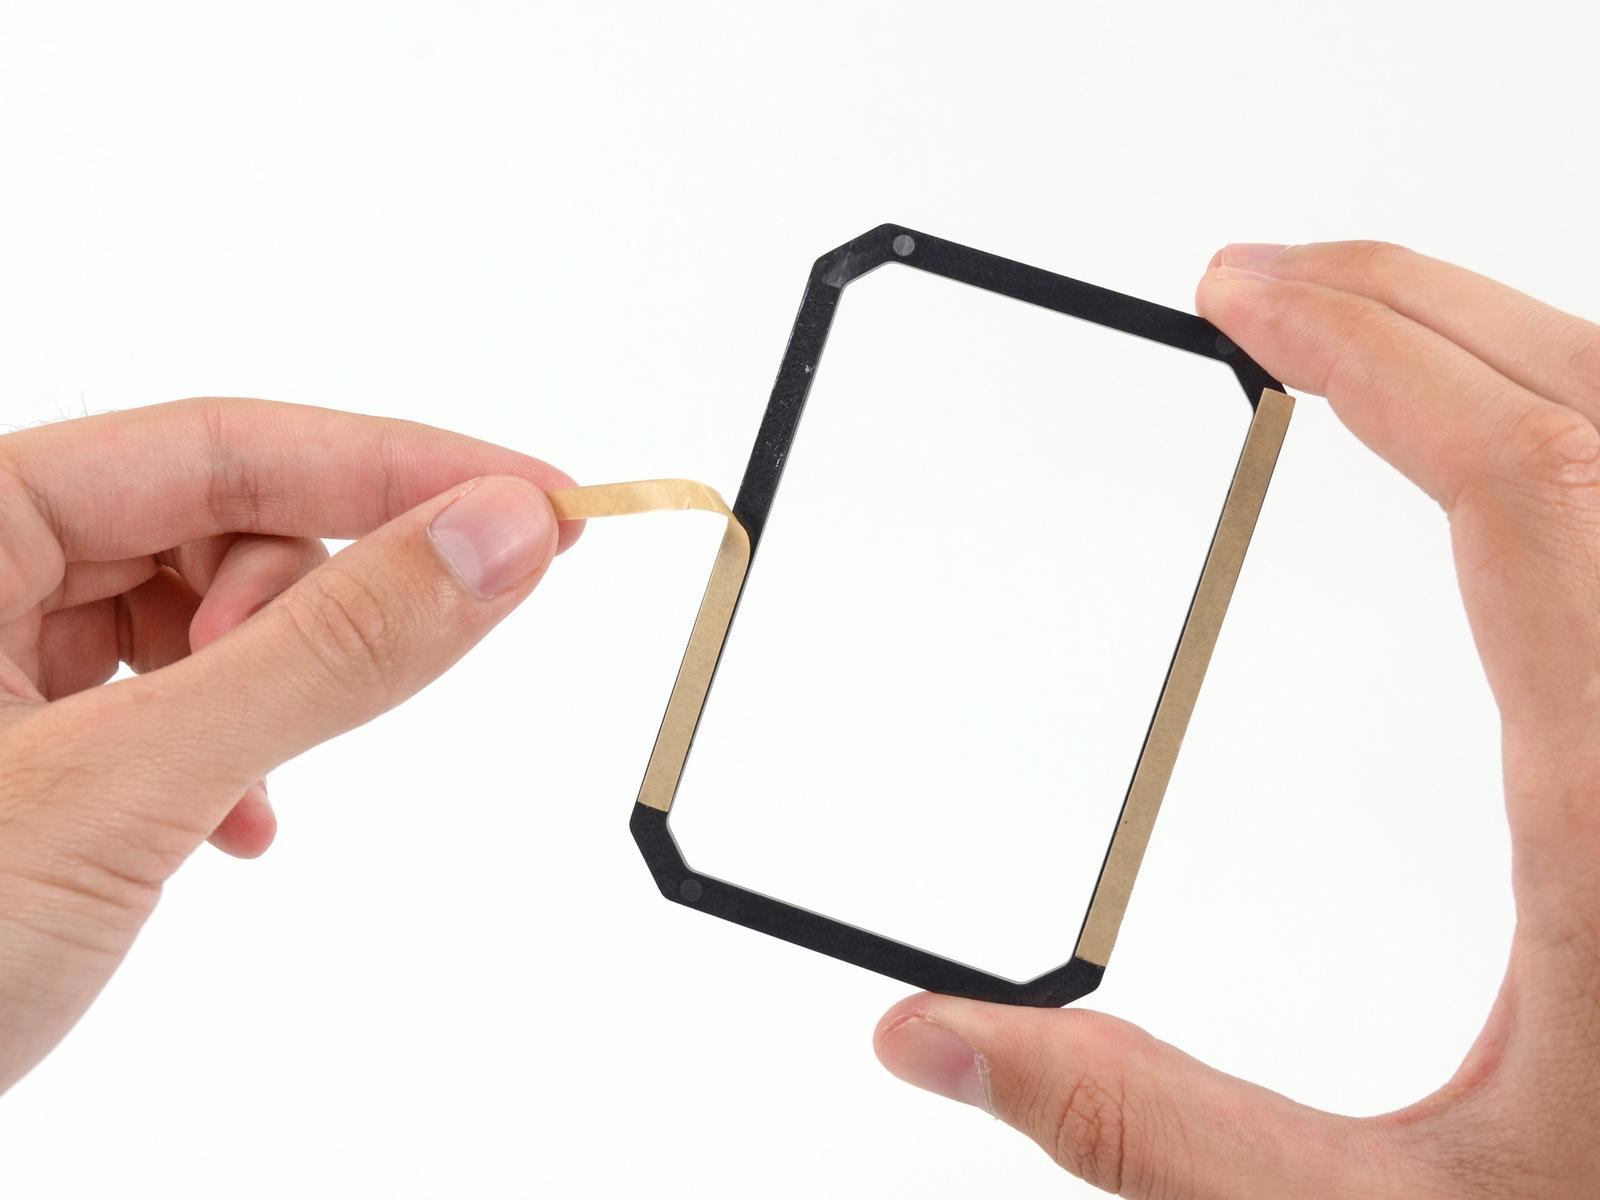 Il distanziatore di plastica si applica sull'SSD e consente di aumentare leggermente l'altezza dell'SSD per farlo diventare spesso come alcuni tradizionali HDD.